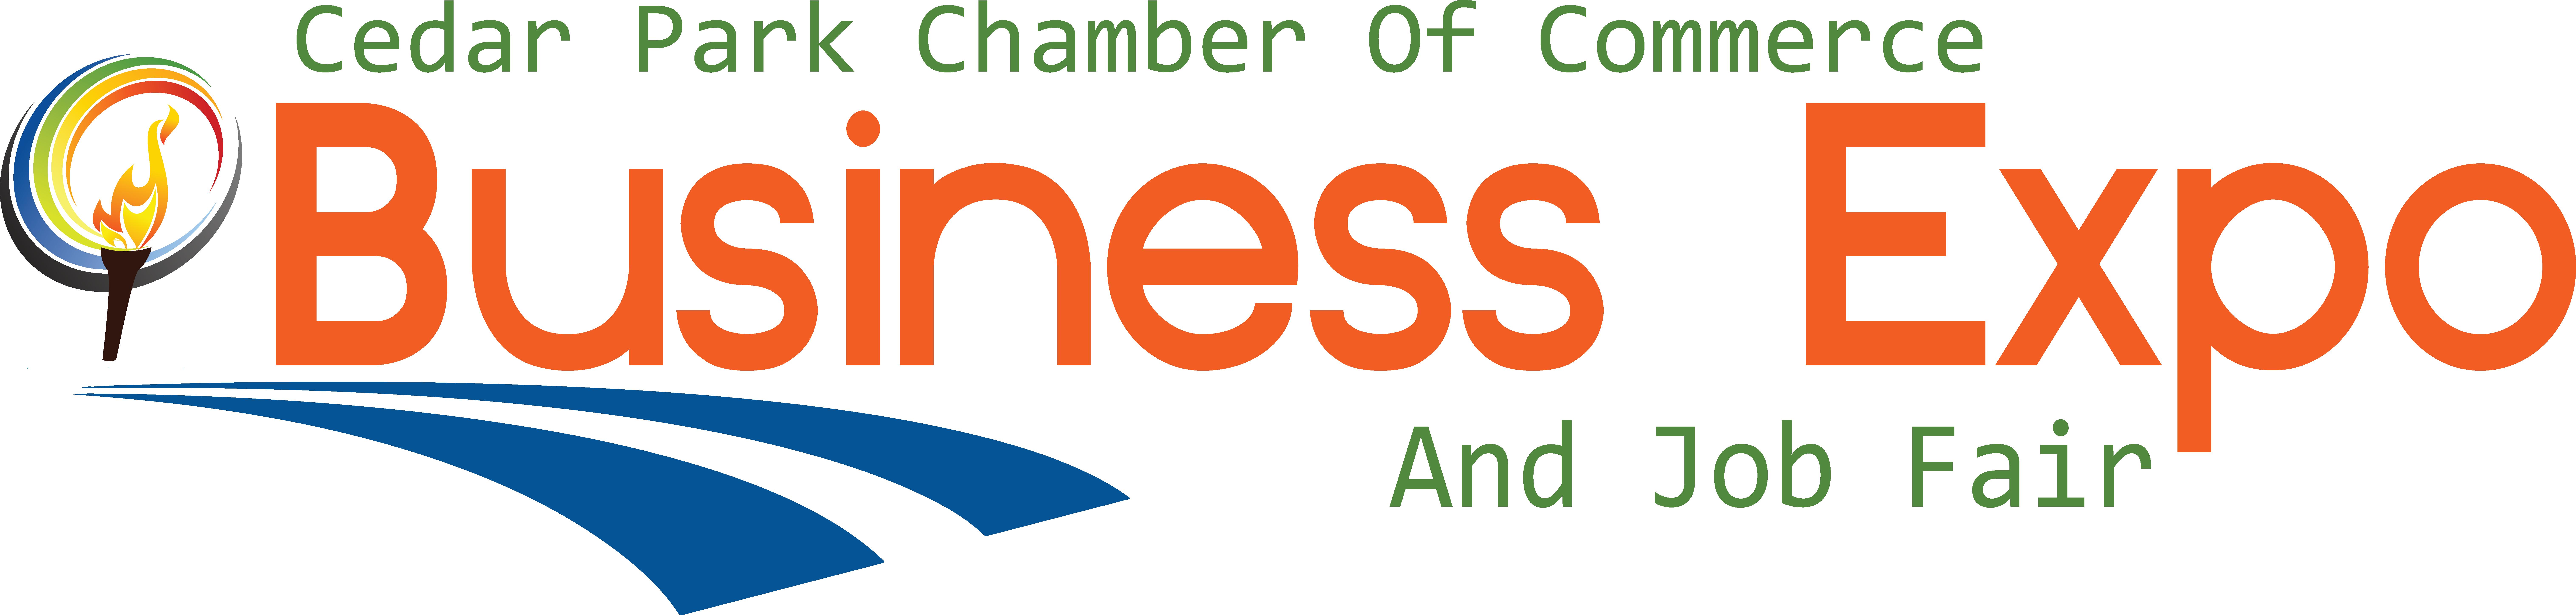 business expo job fair aug cedar park chamber 2017 business expo job fair